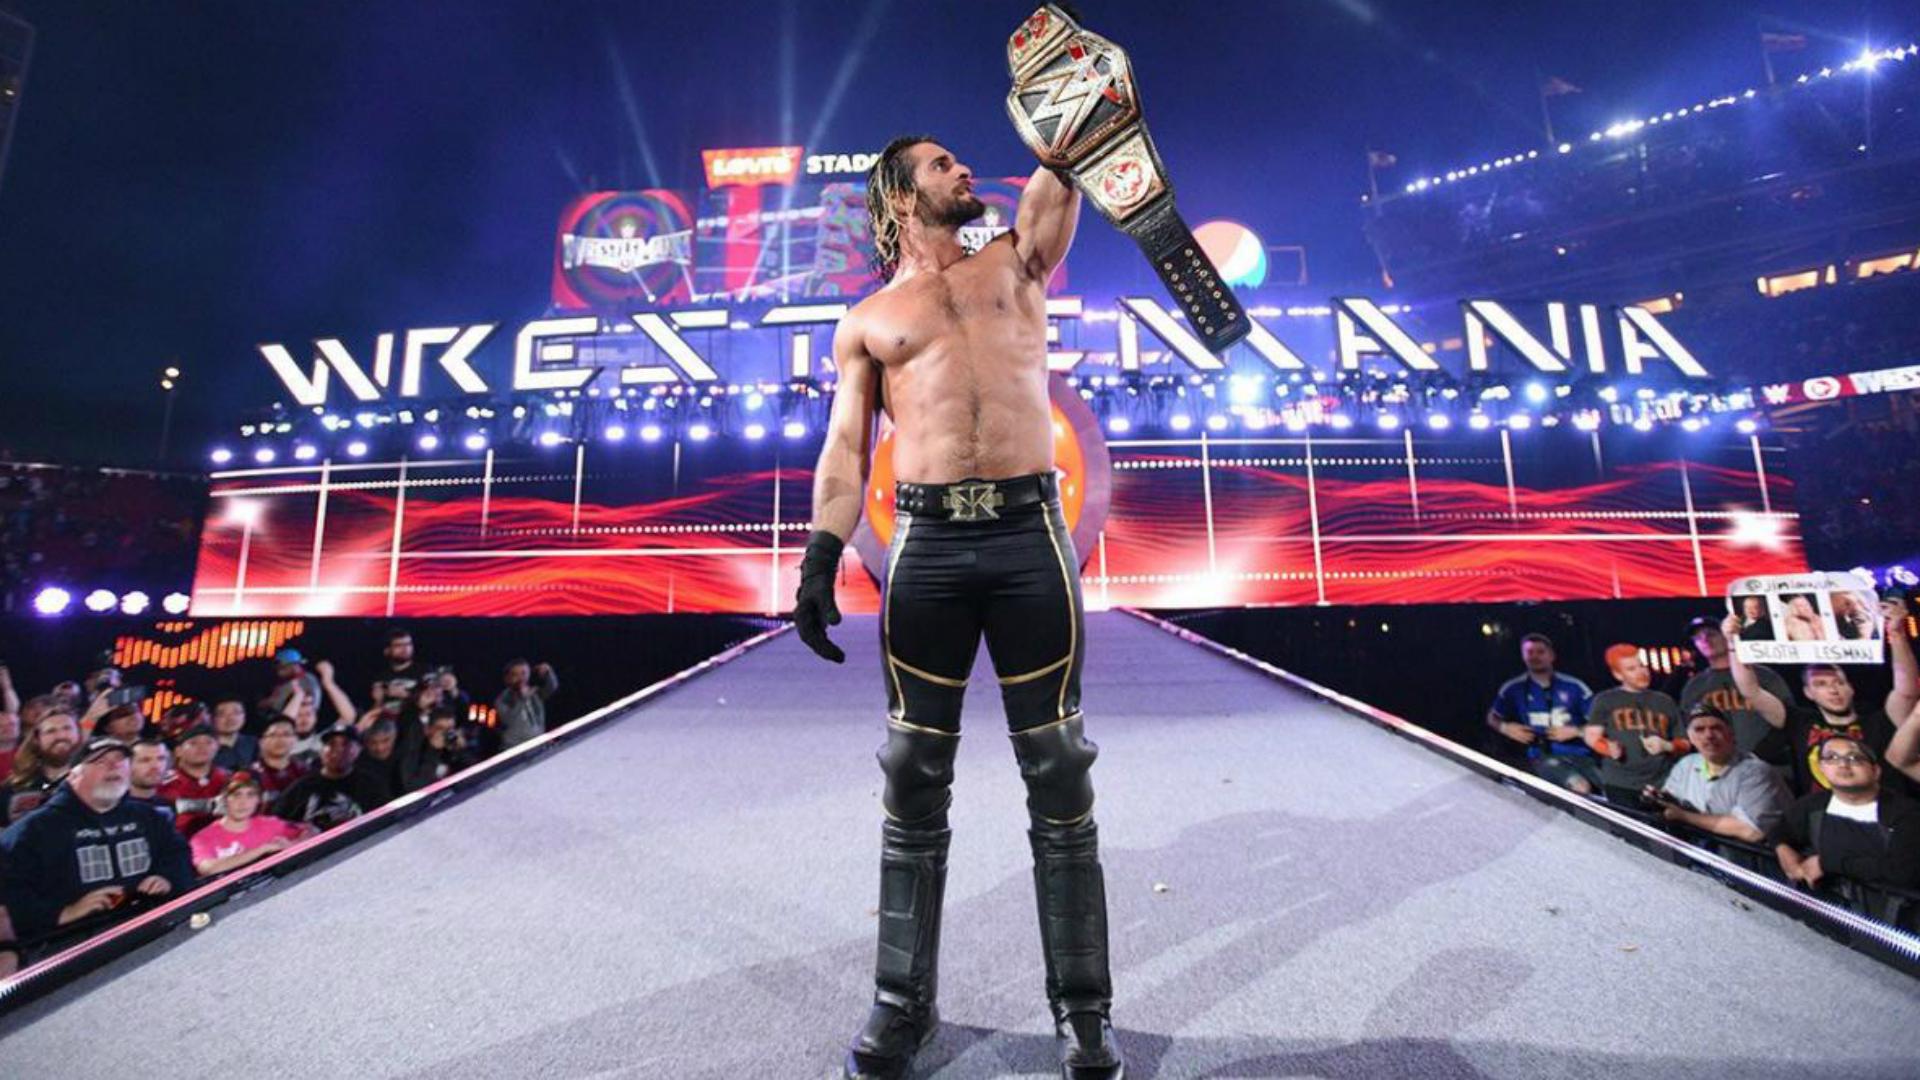 Wrestlemania 31 calificaciones: Seth Rollins realiza el 'Golpe del siglo' 15